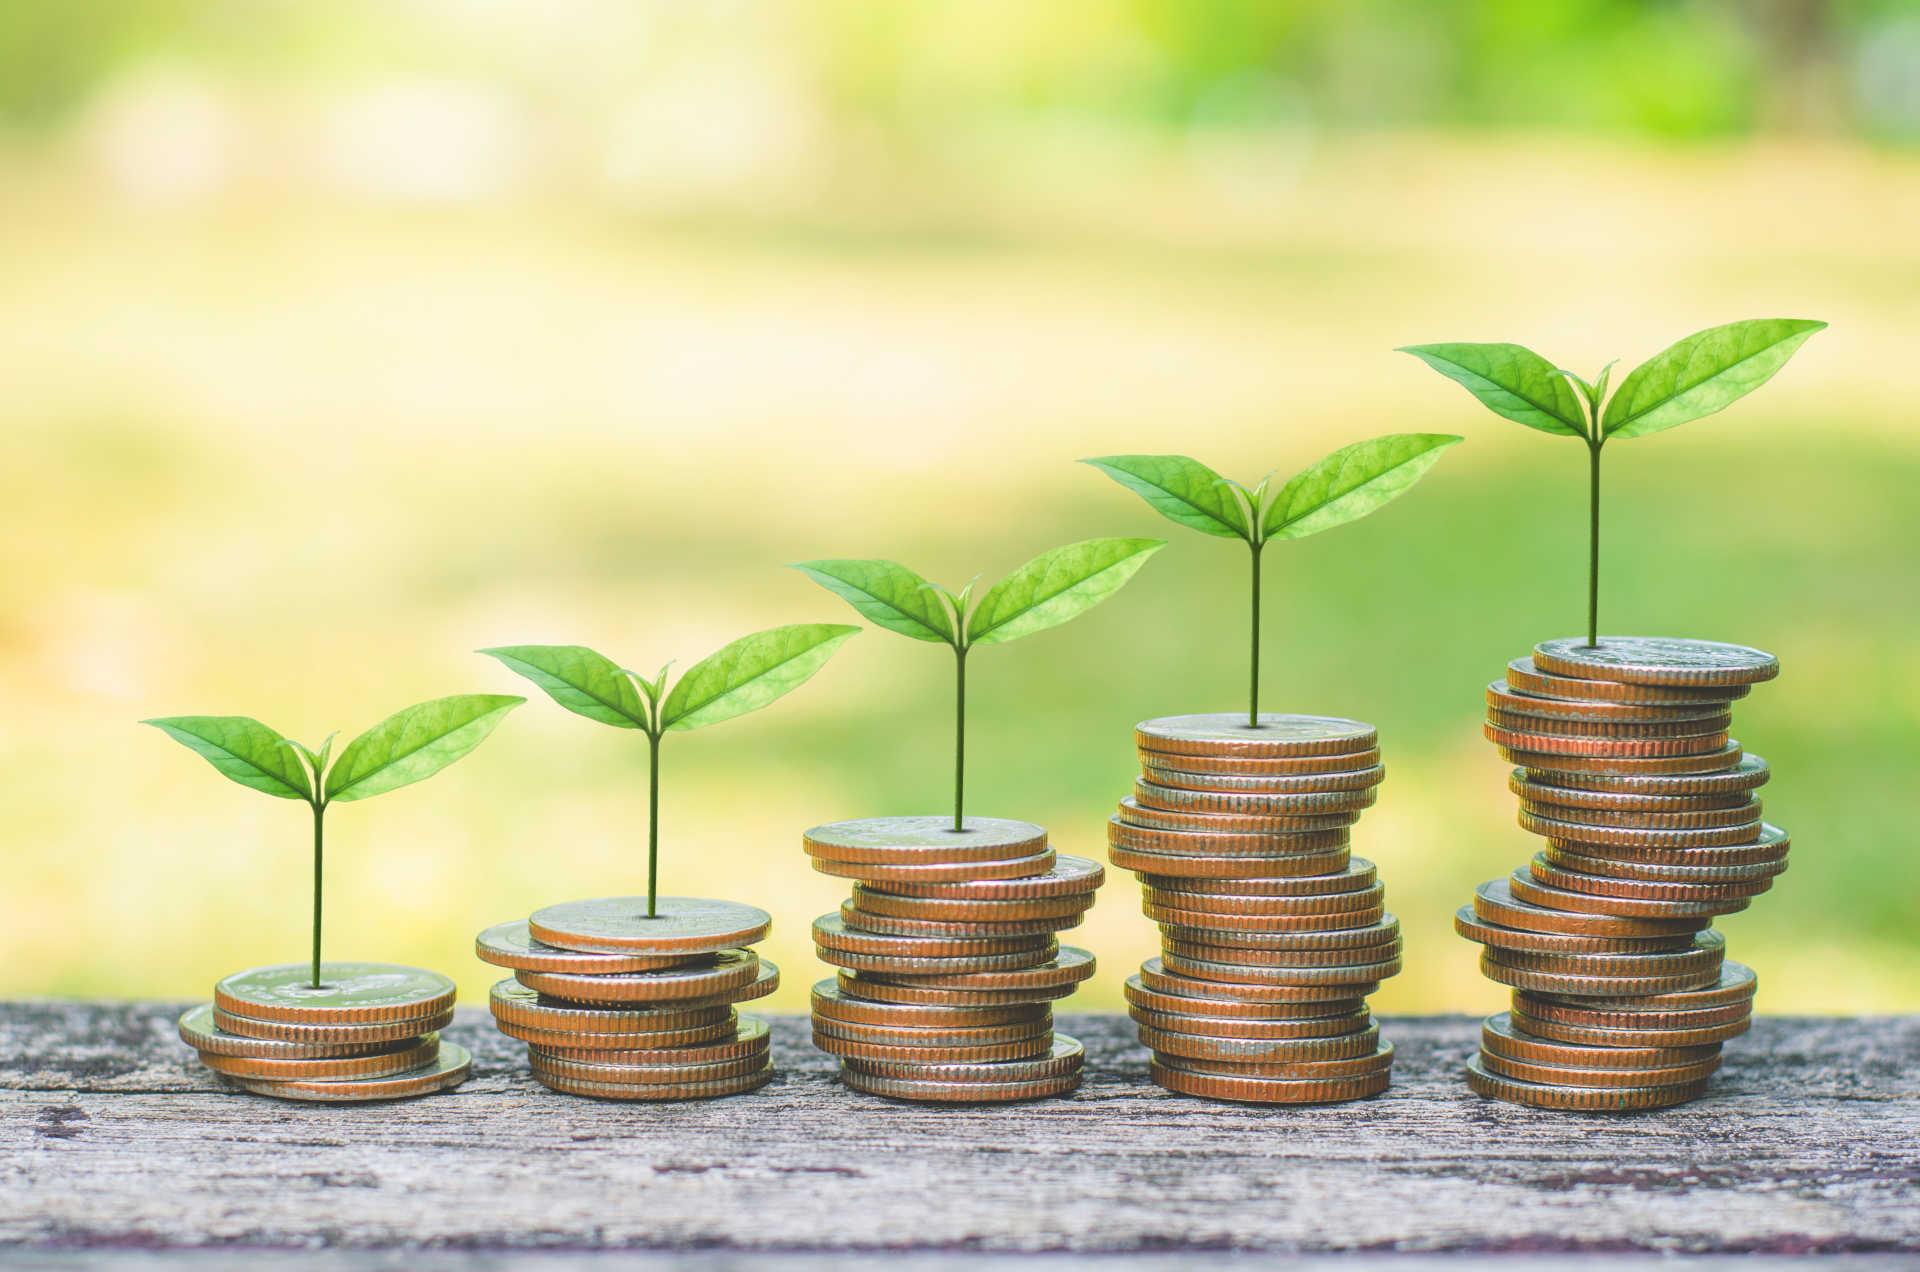 Critérios ESG se consolida como prioridade nas empresas